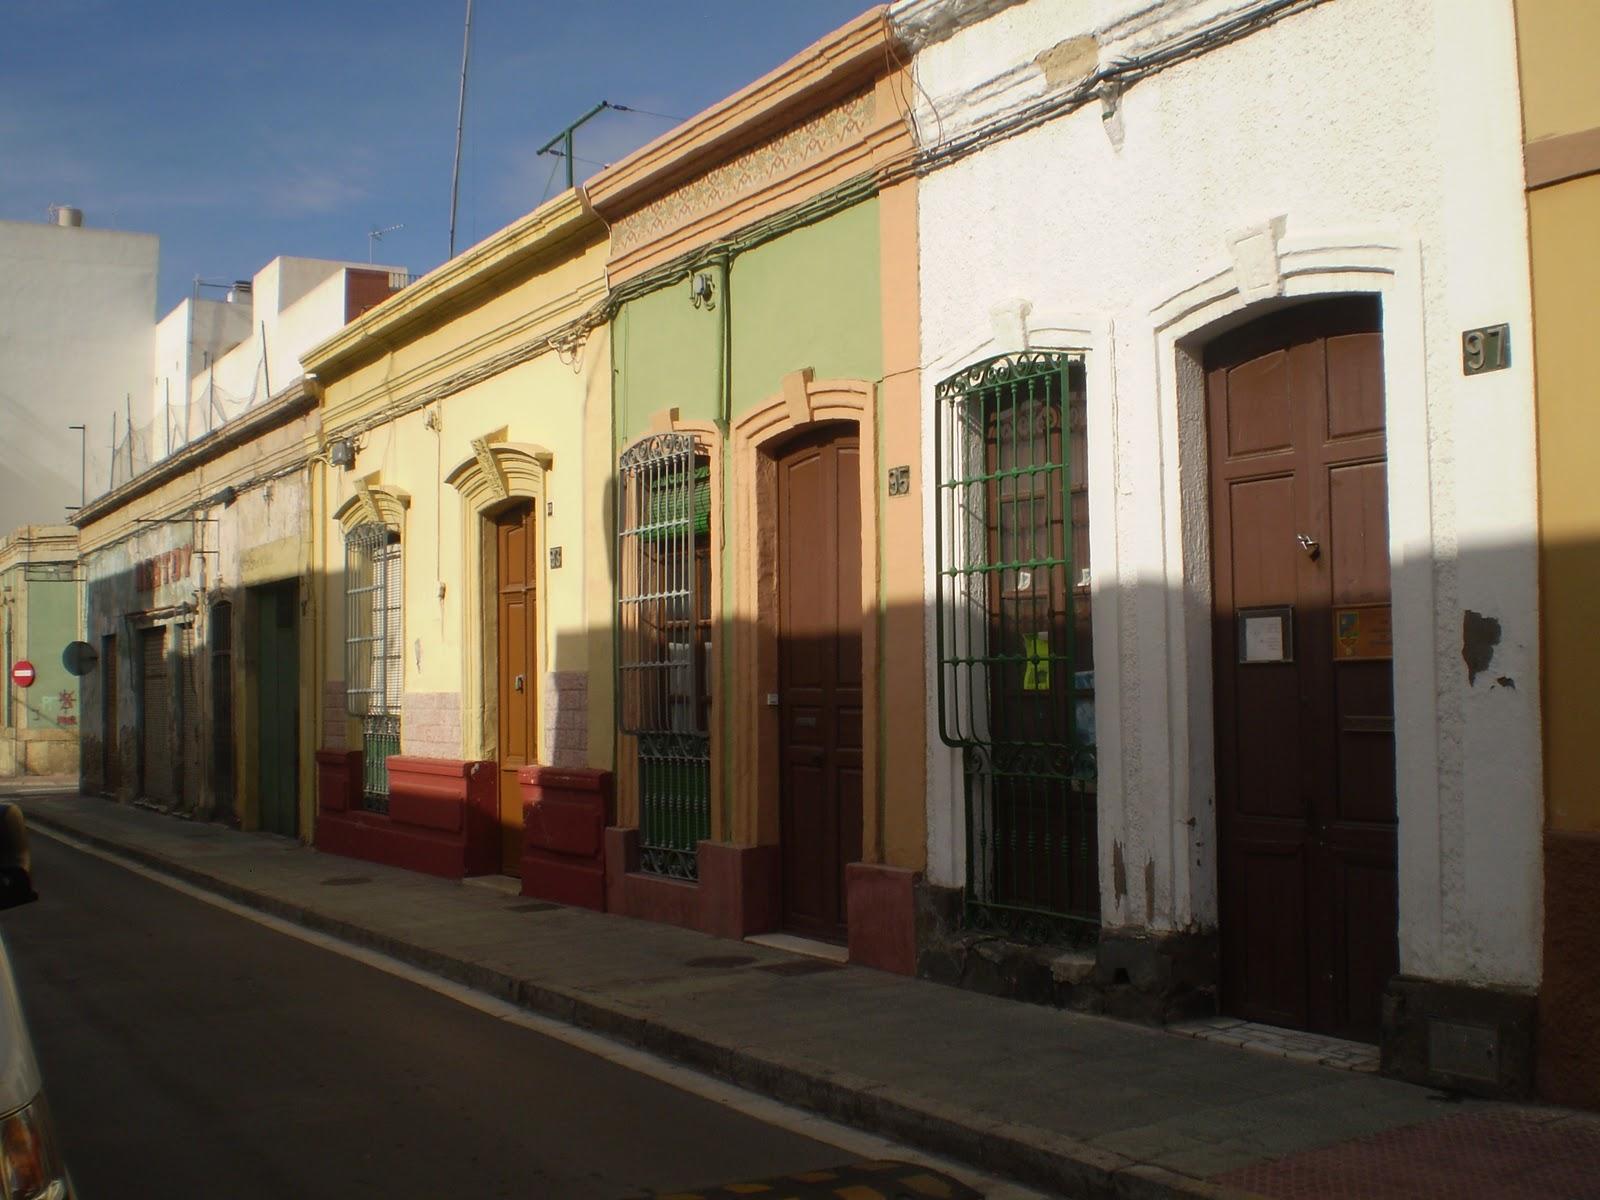 Almería, mil rincones: Arquitectura tradicional de puerta y ventana